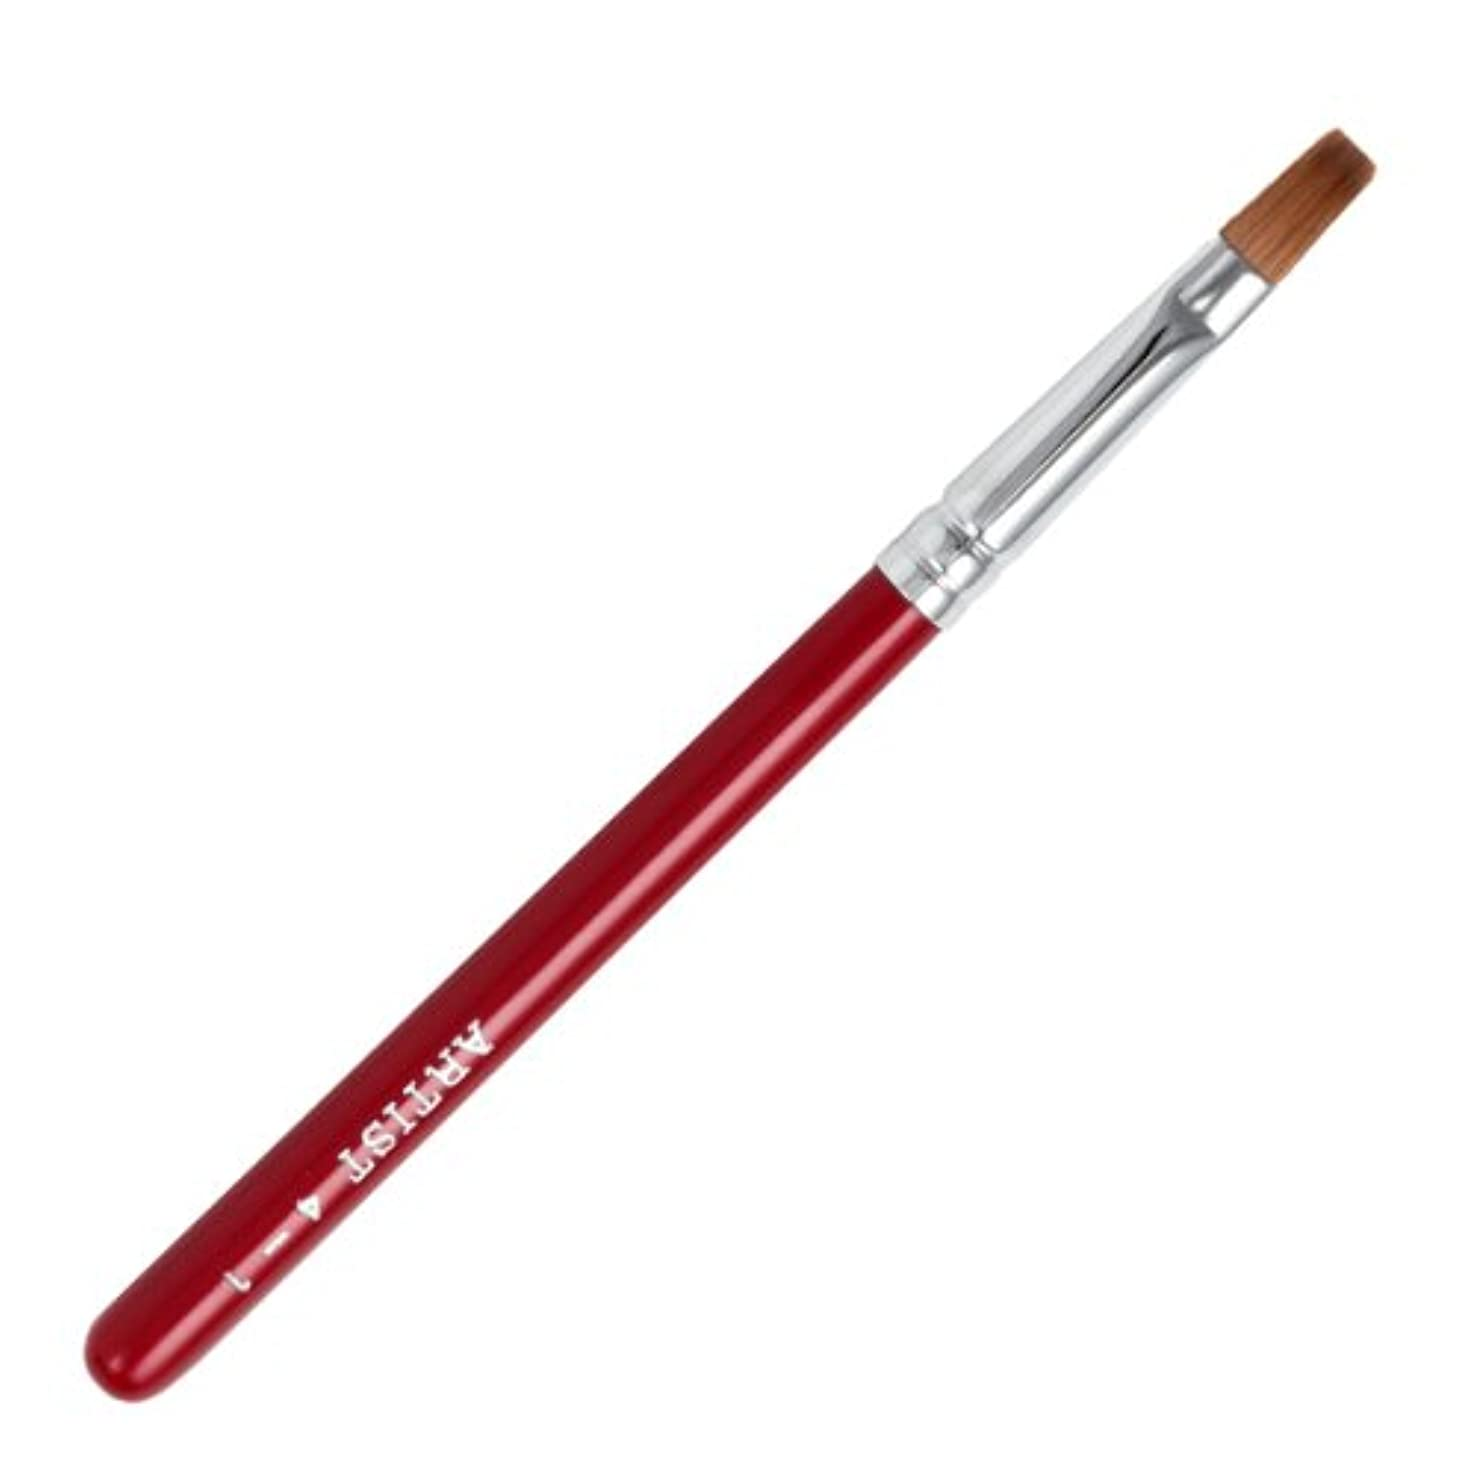 真鍮独立してお気に入り広島熊野筆 平型リップブラシ 毛質 セーブル